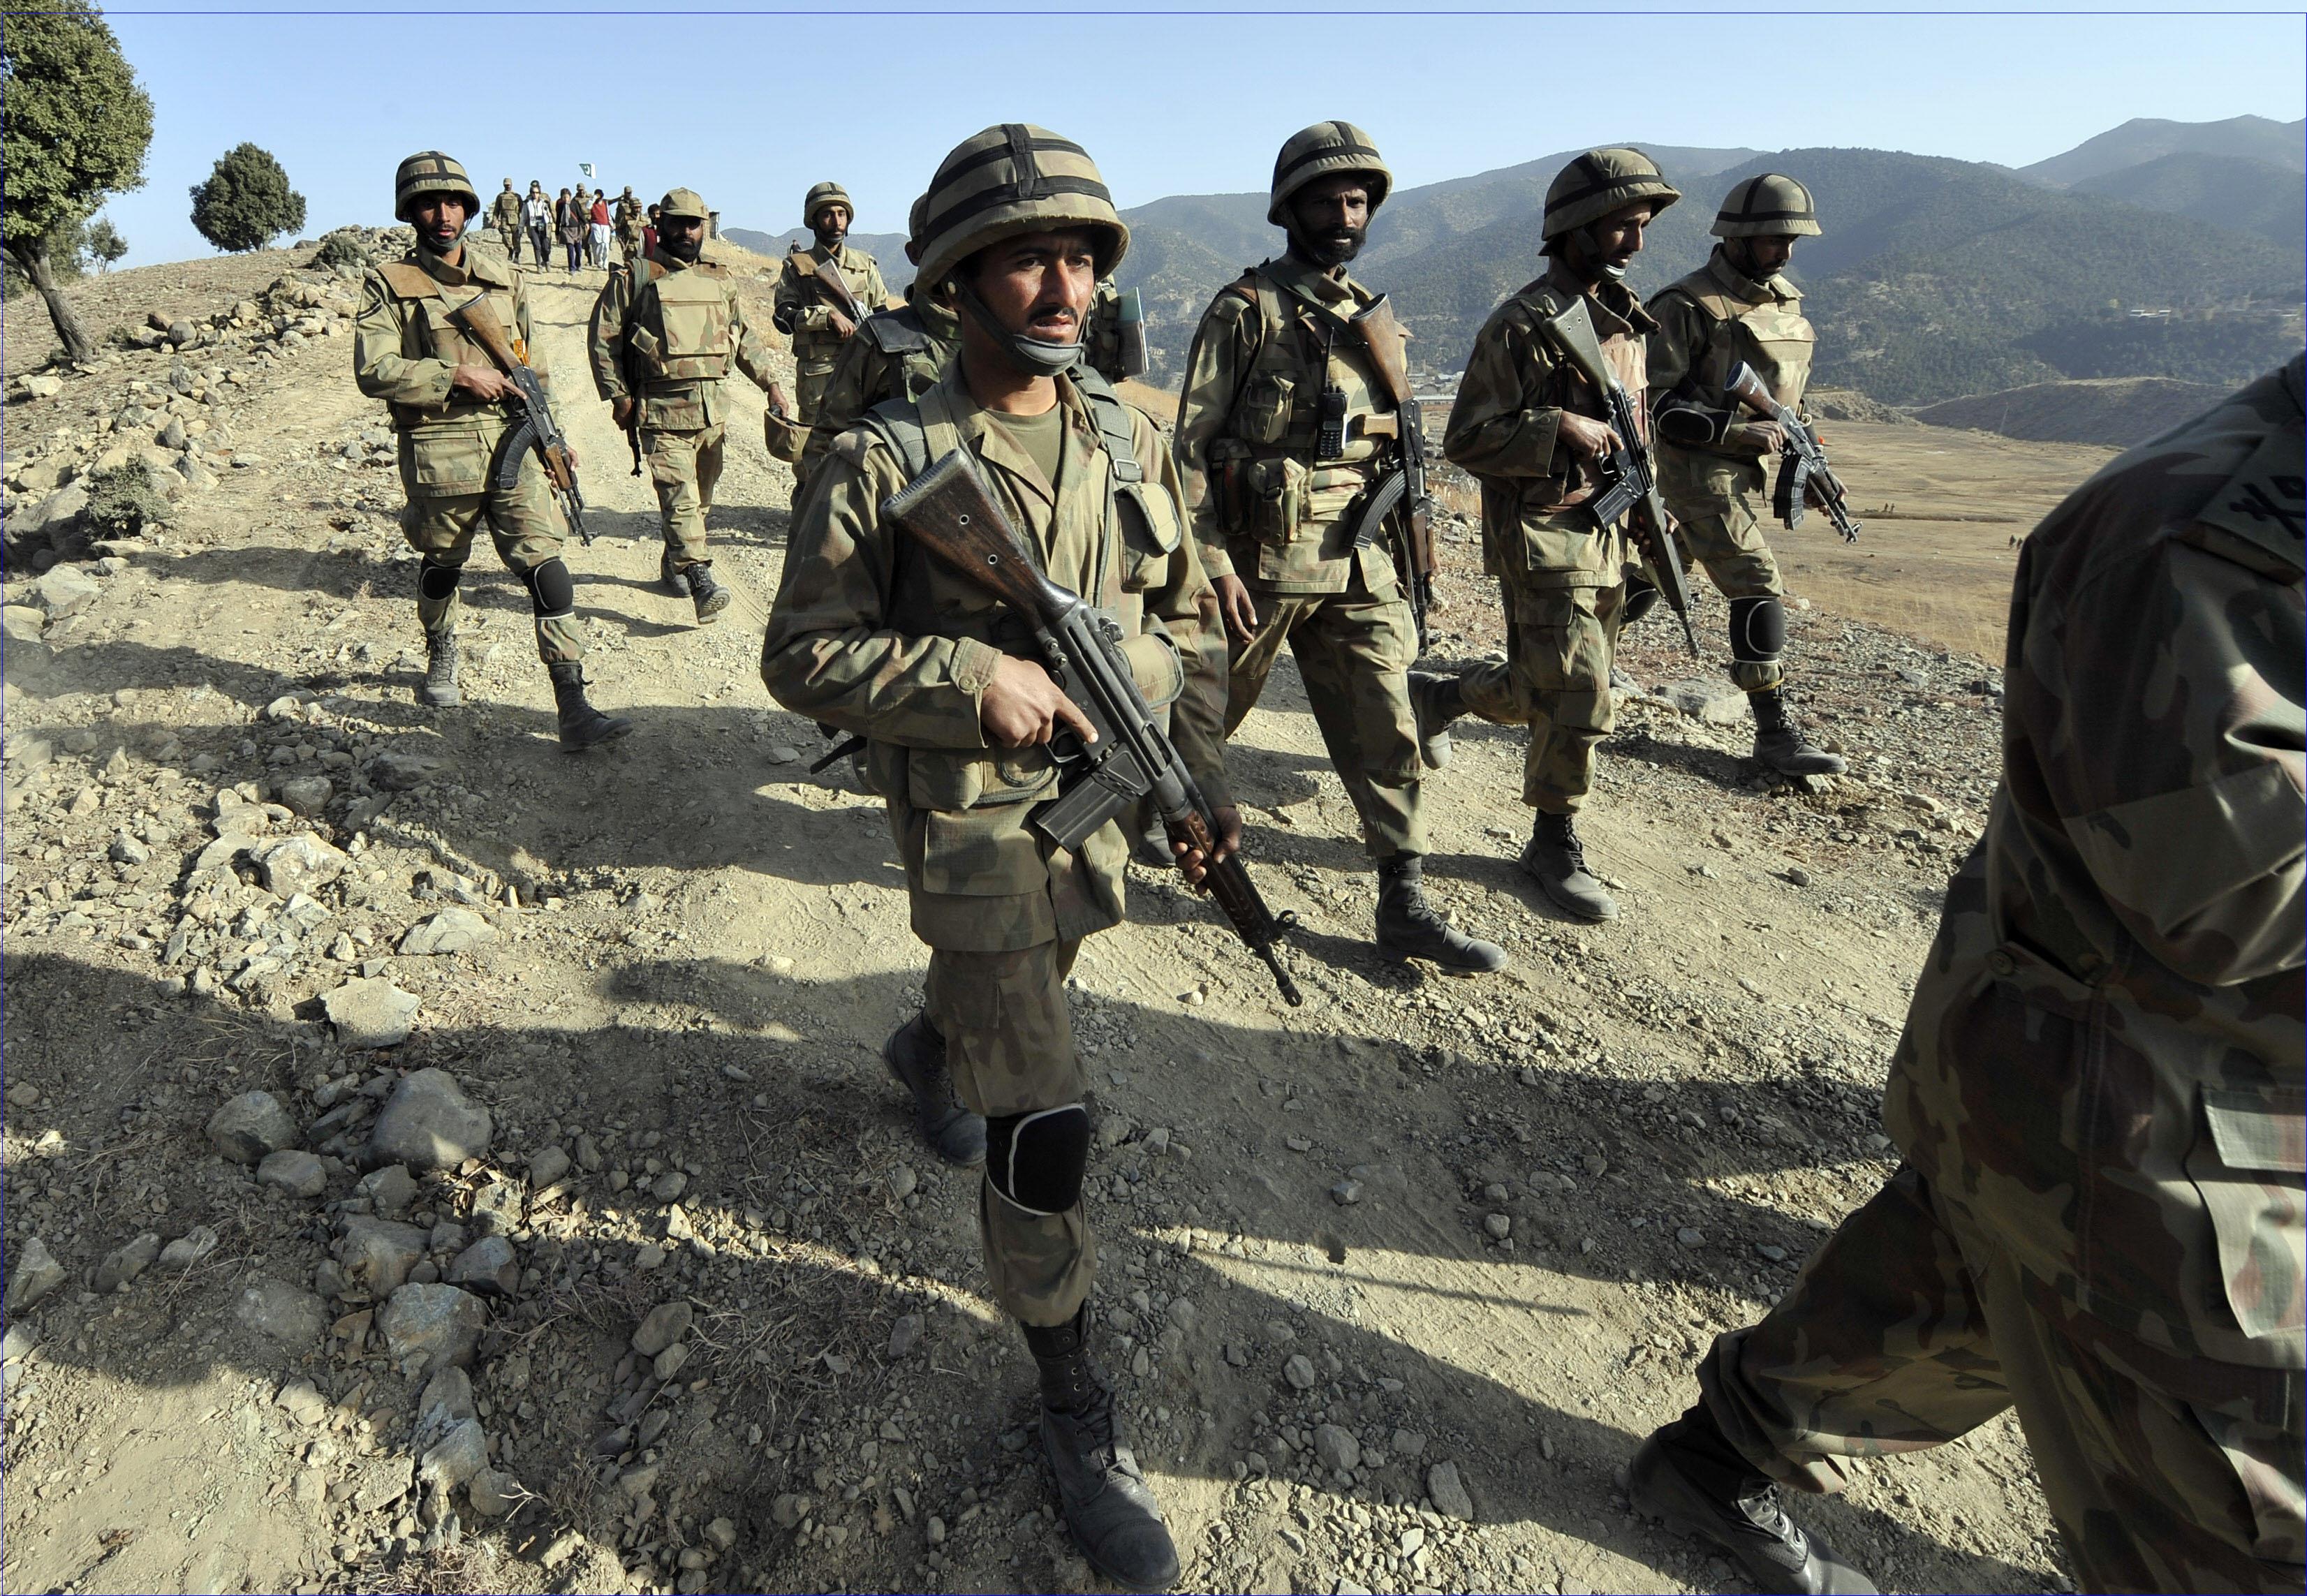 باكستان: وصول القوات الخاصة للجيش الصيني للمشاركة في تدريبات عسكرية مشتركة